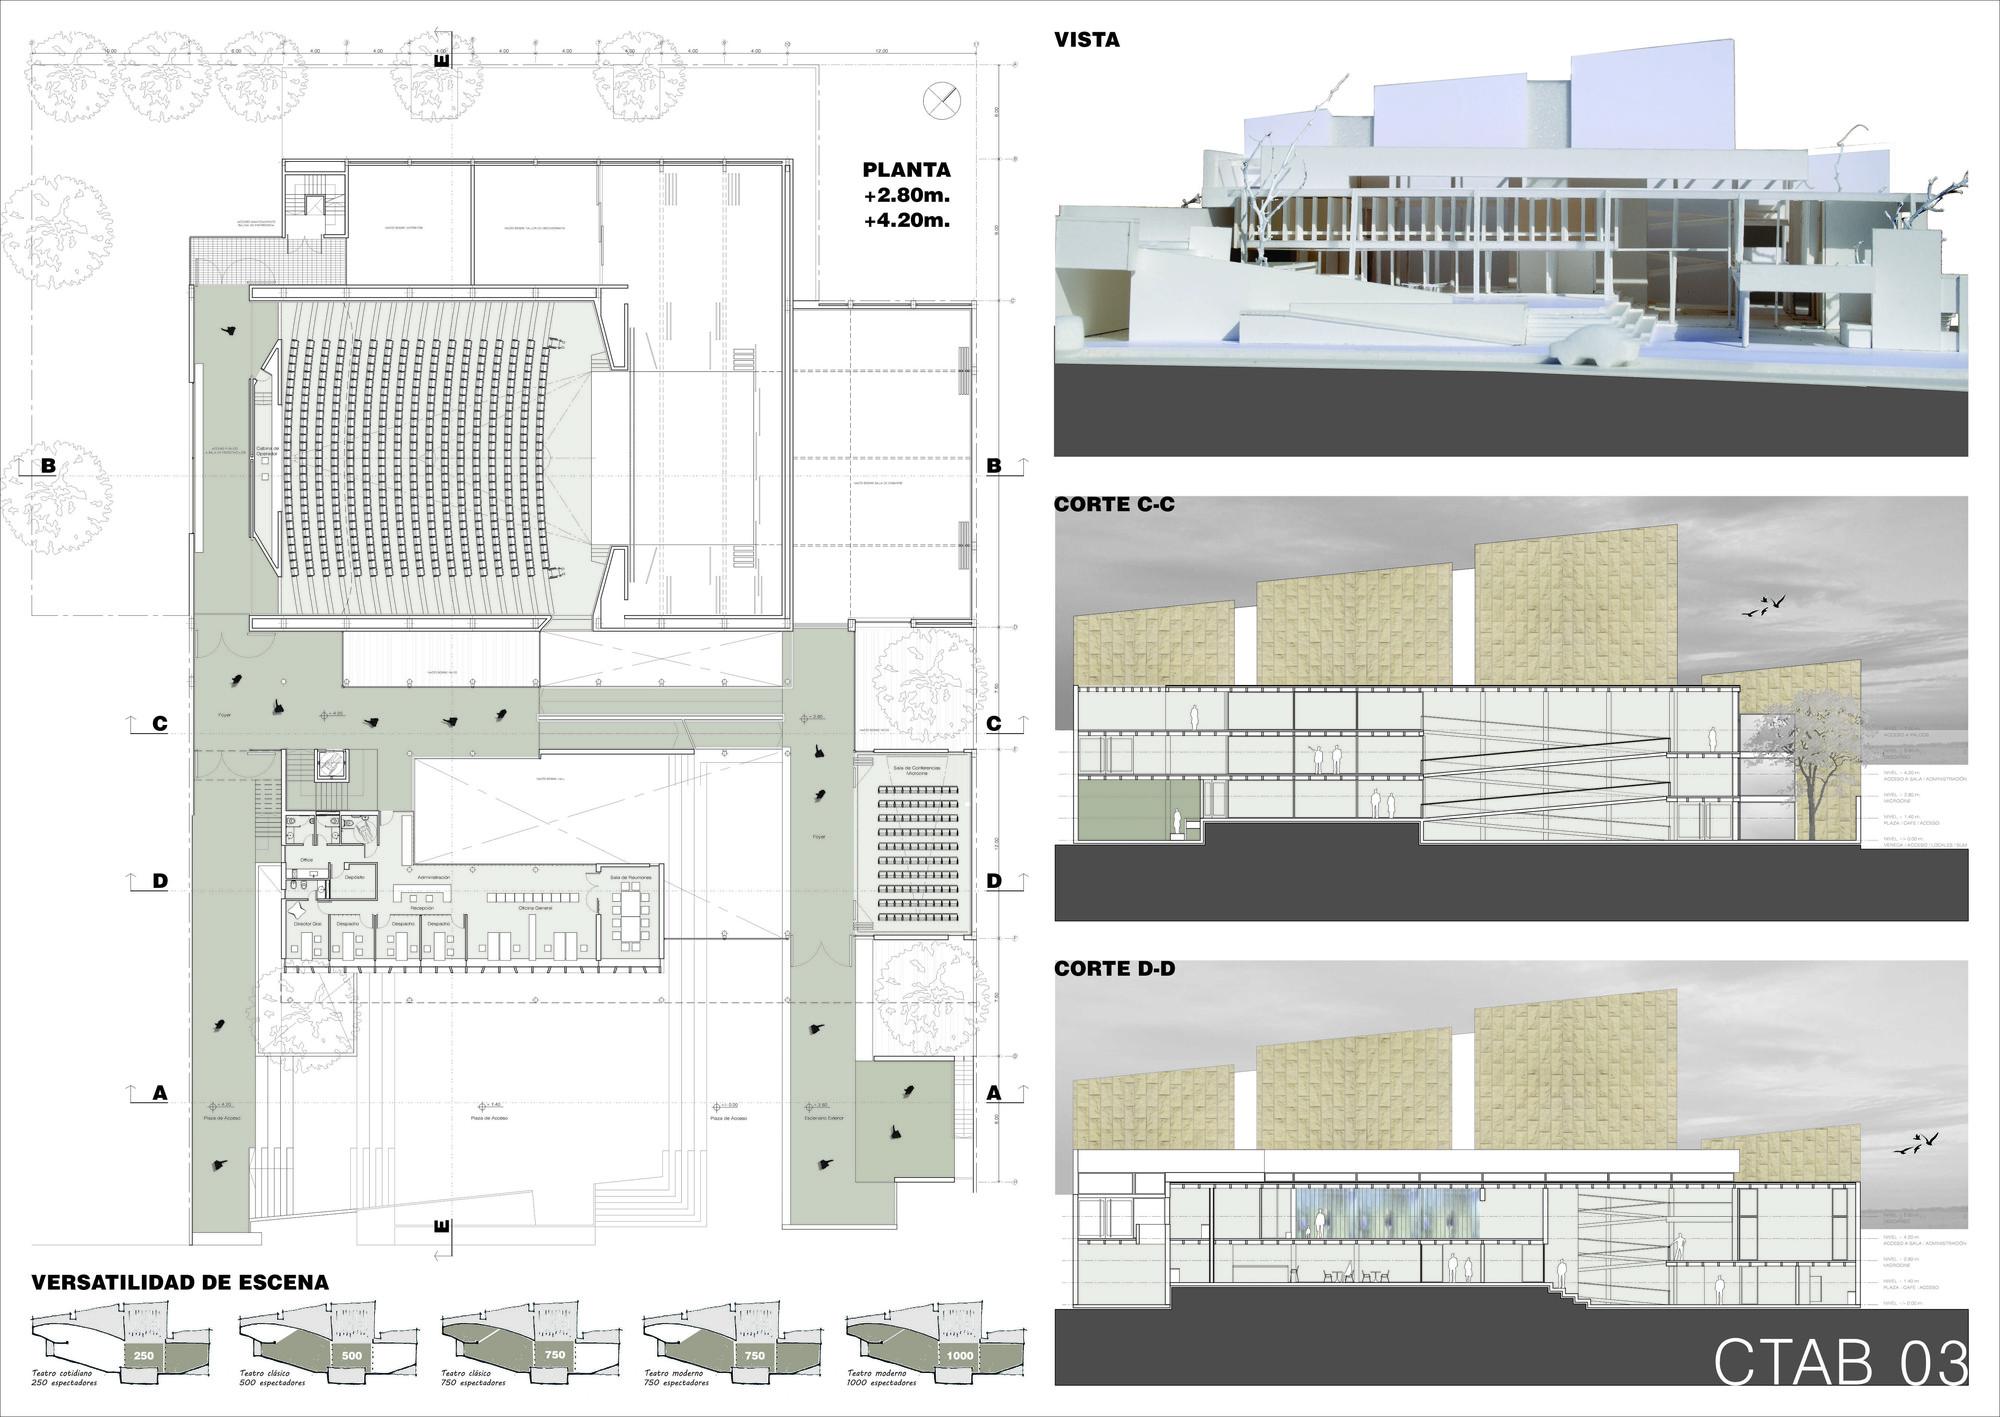 Lamina Tercer Lugar. Image Courtesy of Colegio de Arquitectos de la Provincia de Buenos Aires